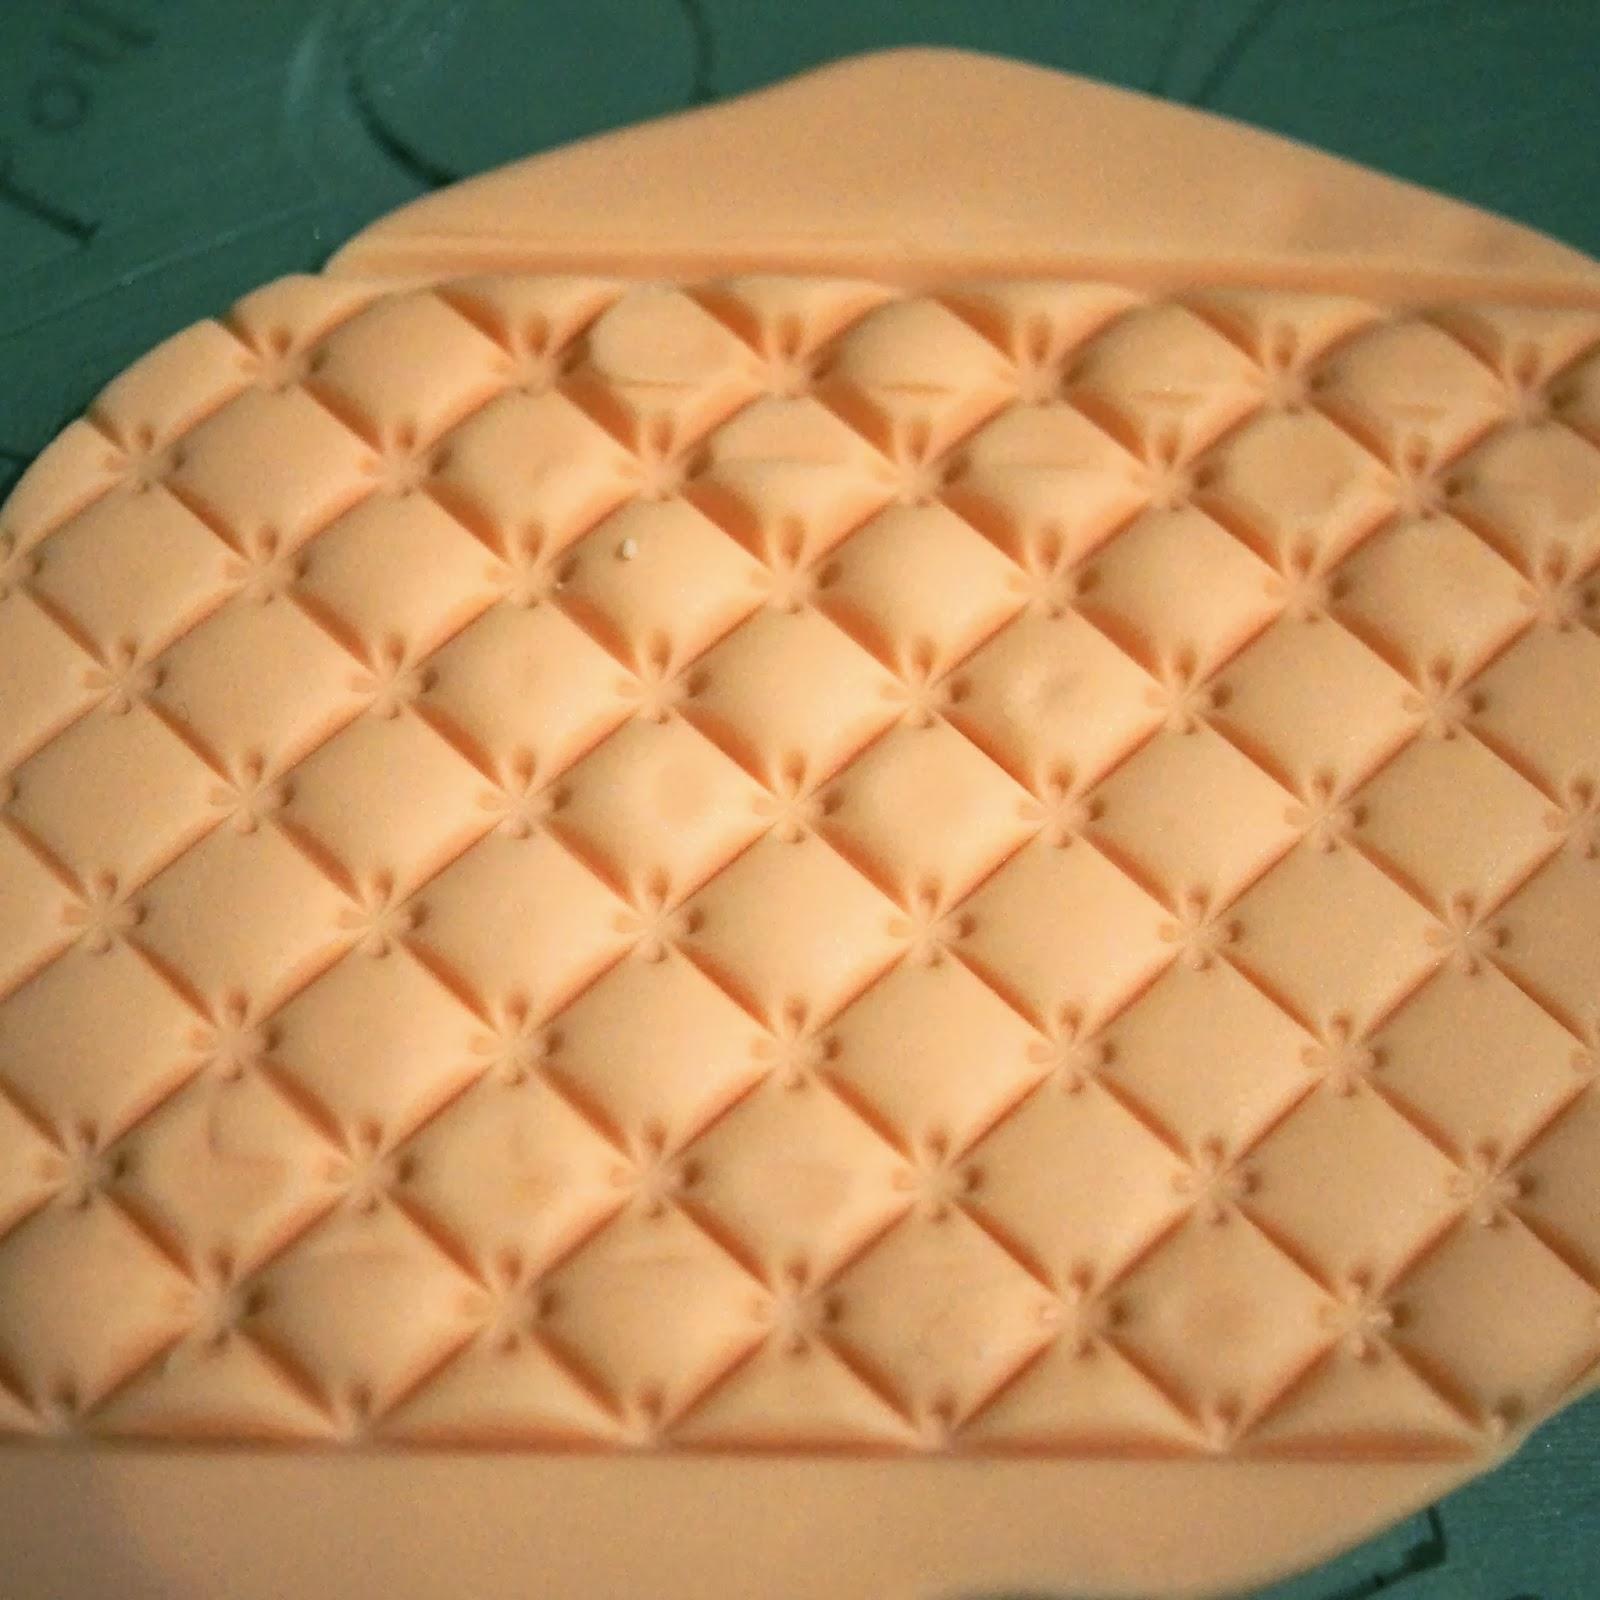 Оформления пирогов или как красиво украсить пироги и тортики 69